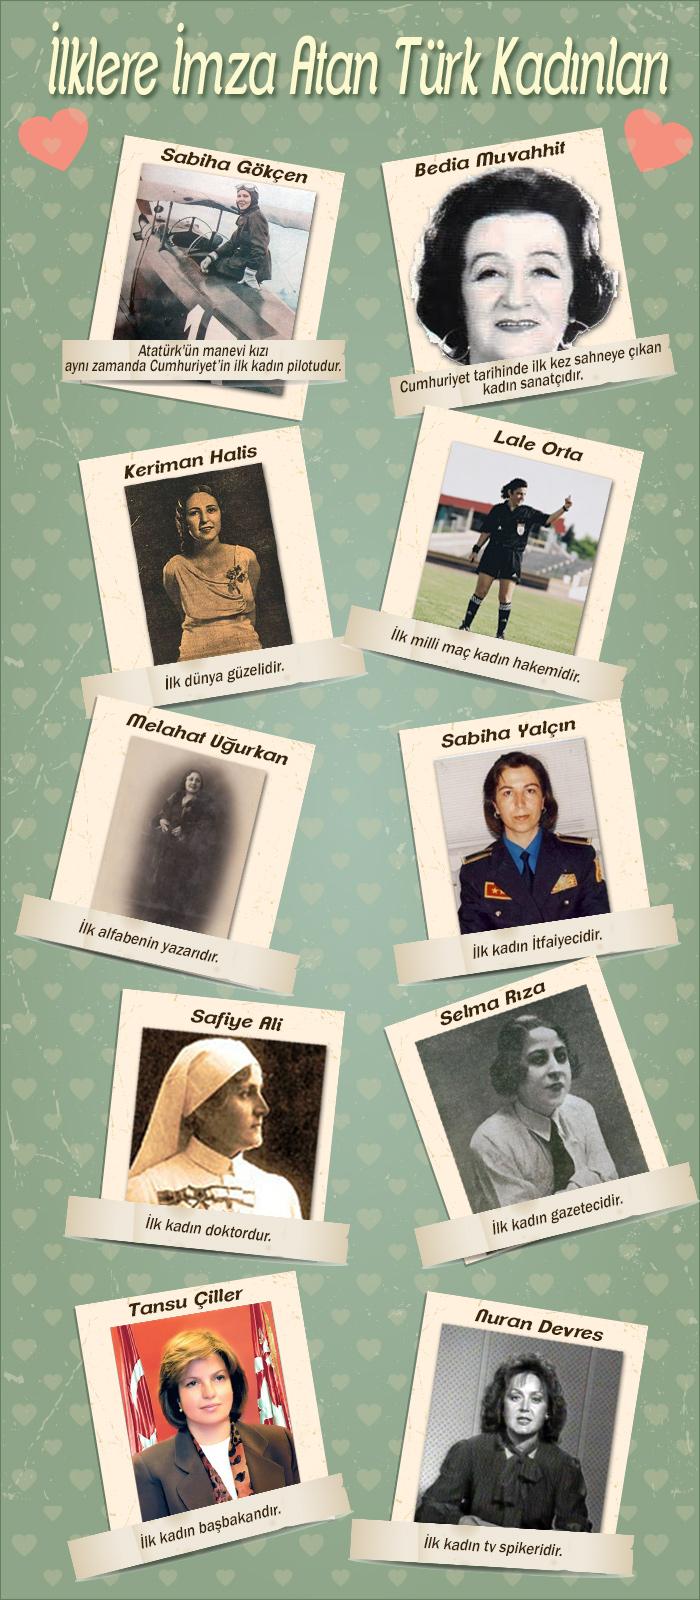 İlklere İmza Atan Türk Kadınları